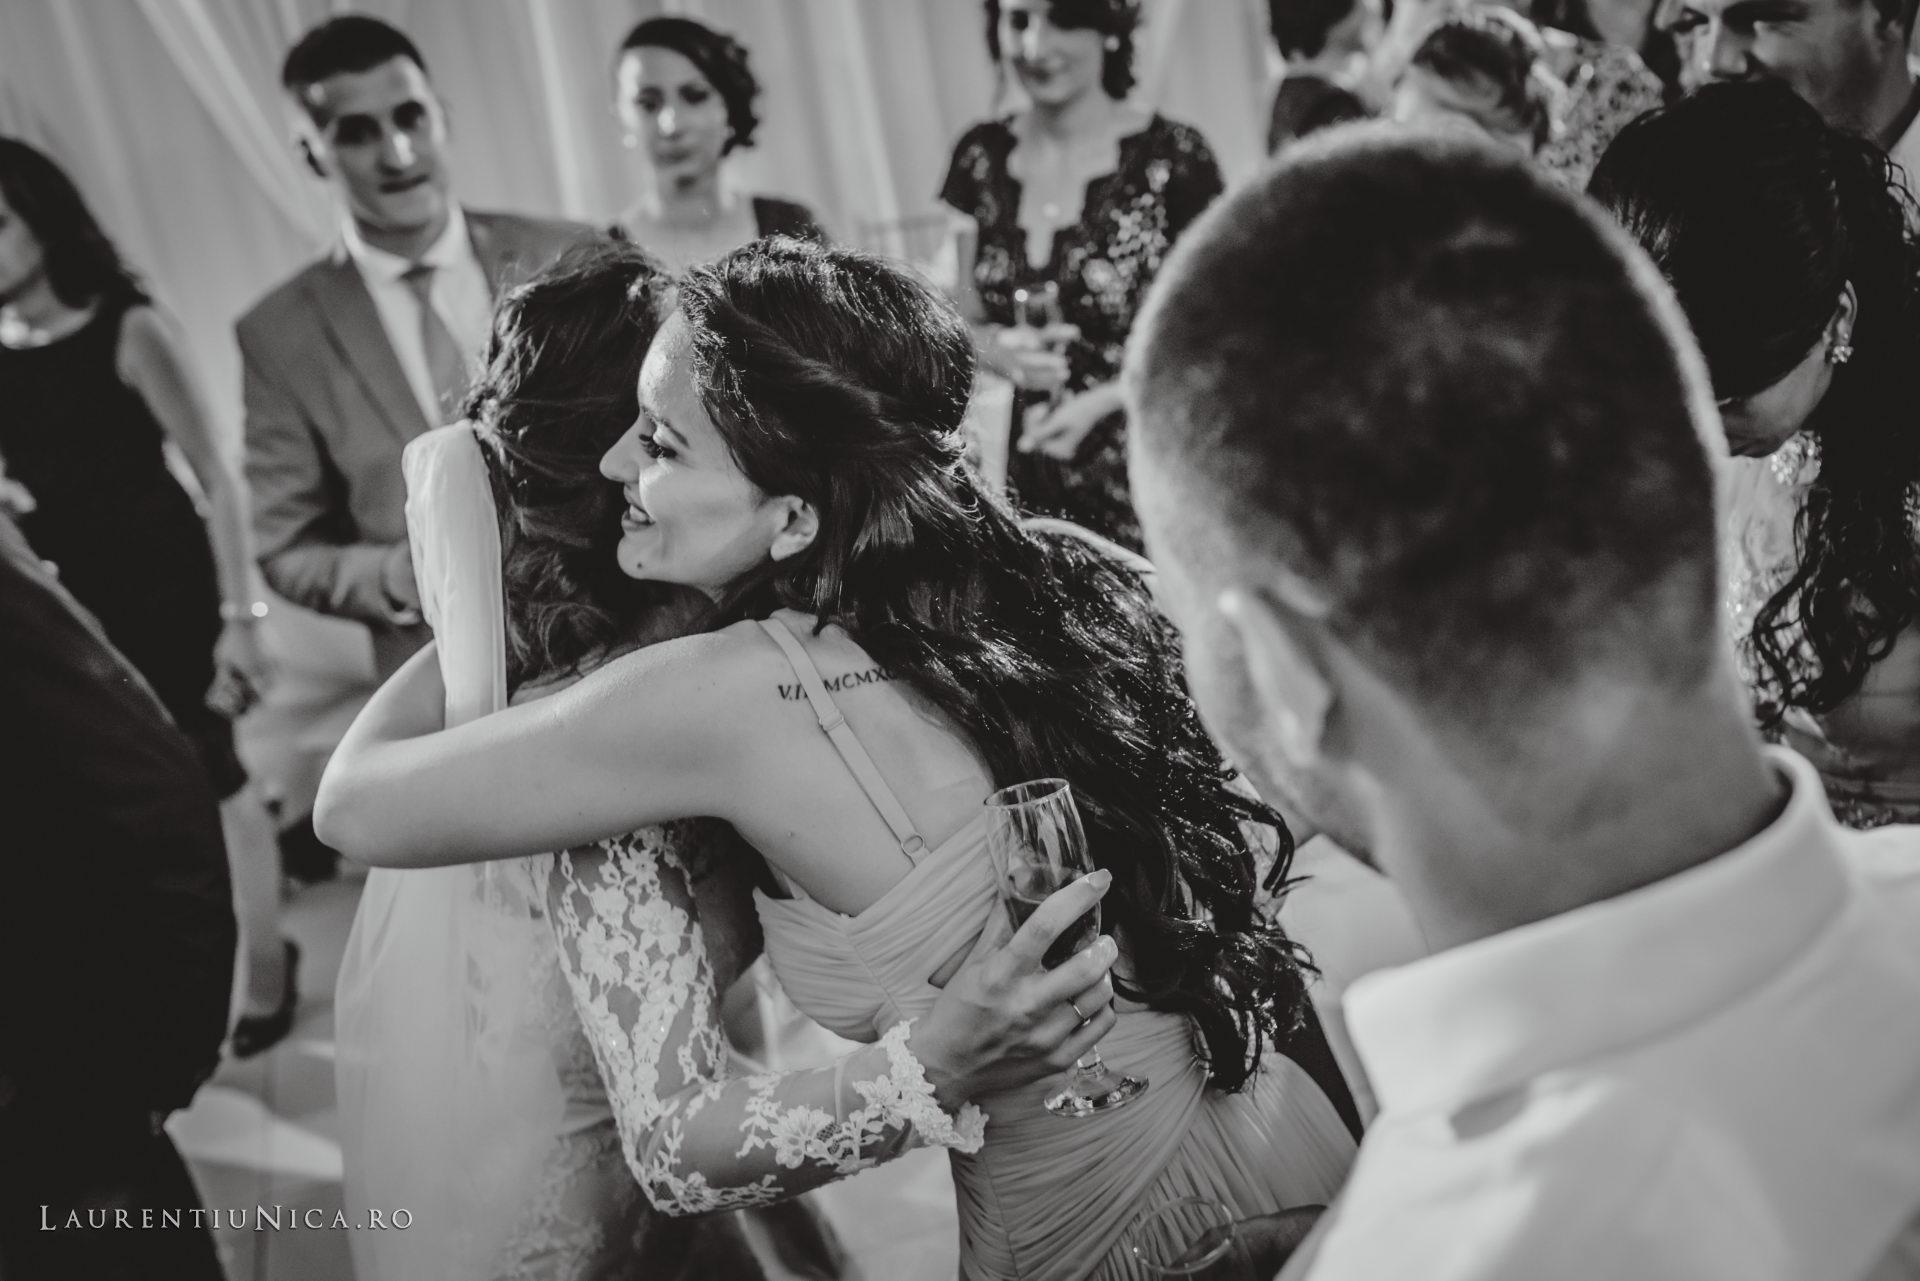 Cristina si Ovidiu nunta Craiova fotograf laurentiu nica 139 - Cristina & Ovidiu | Fotografii nunta | Craiova